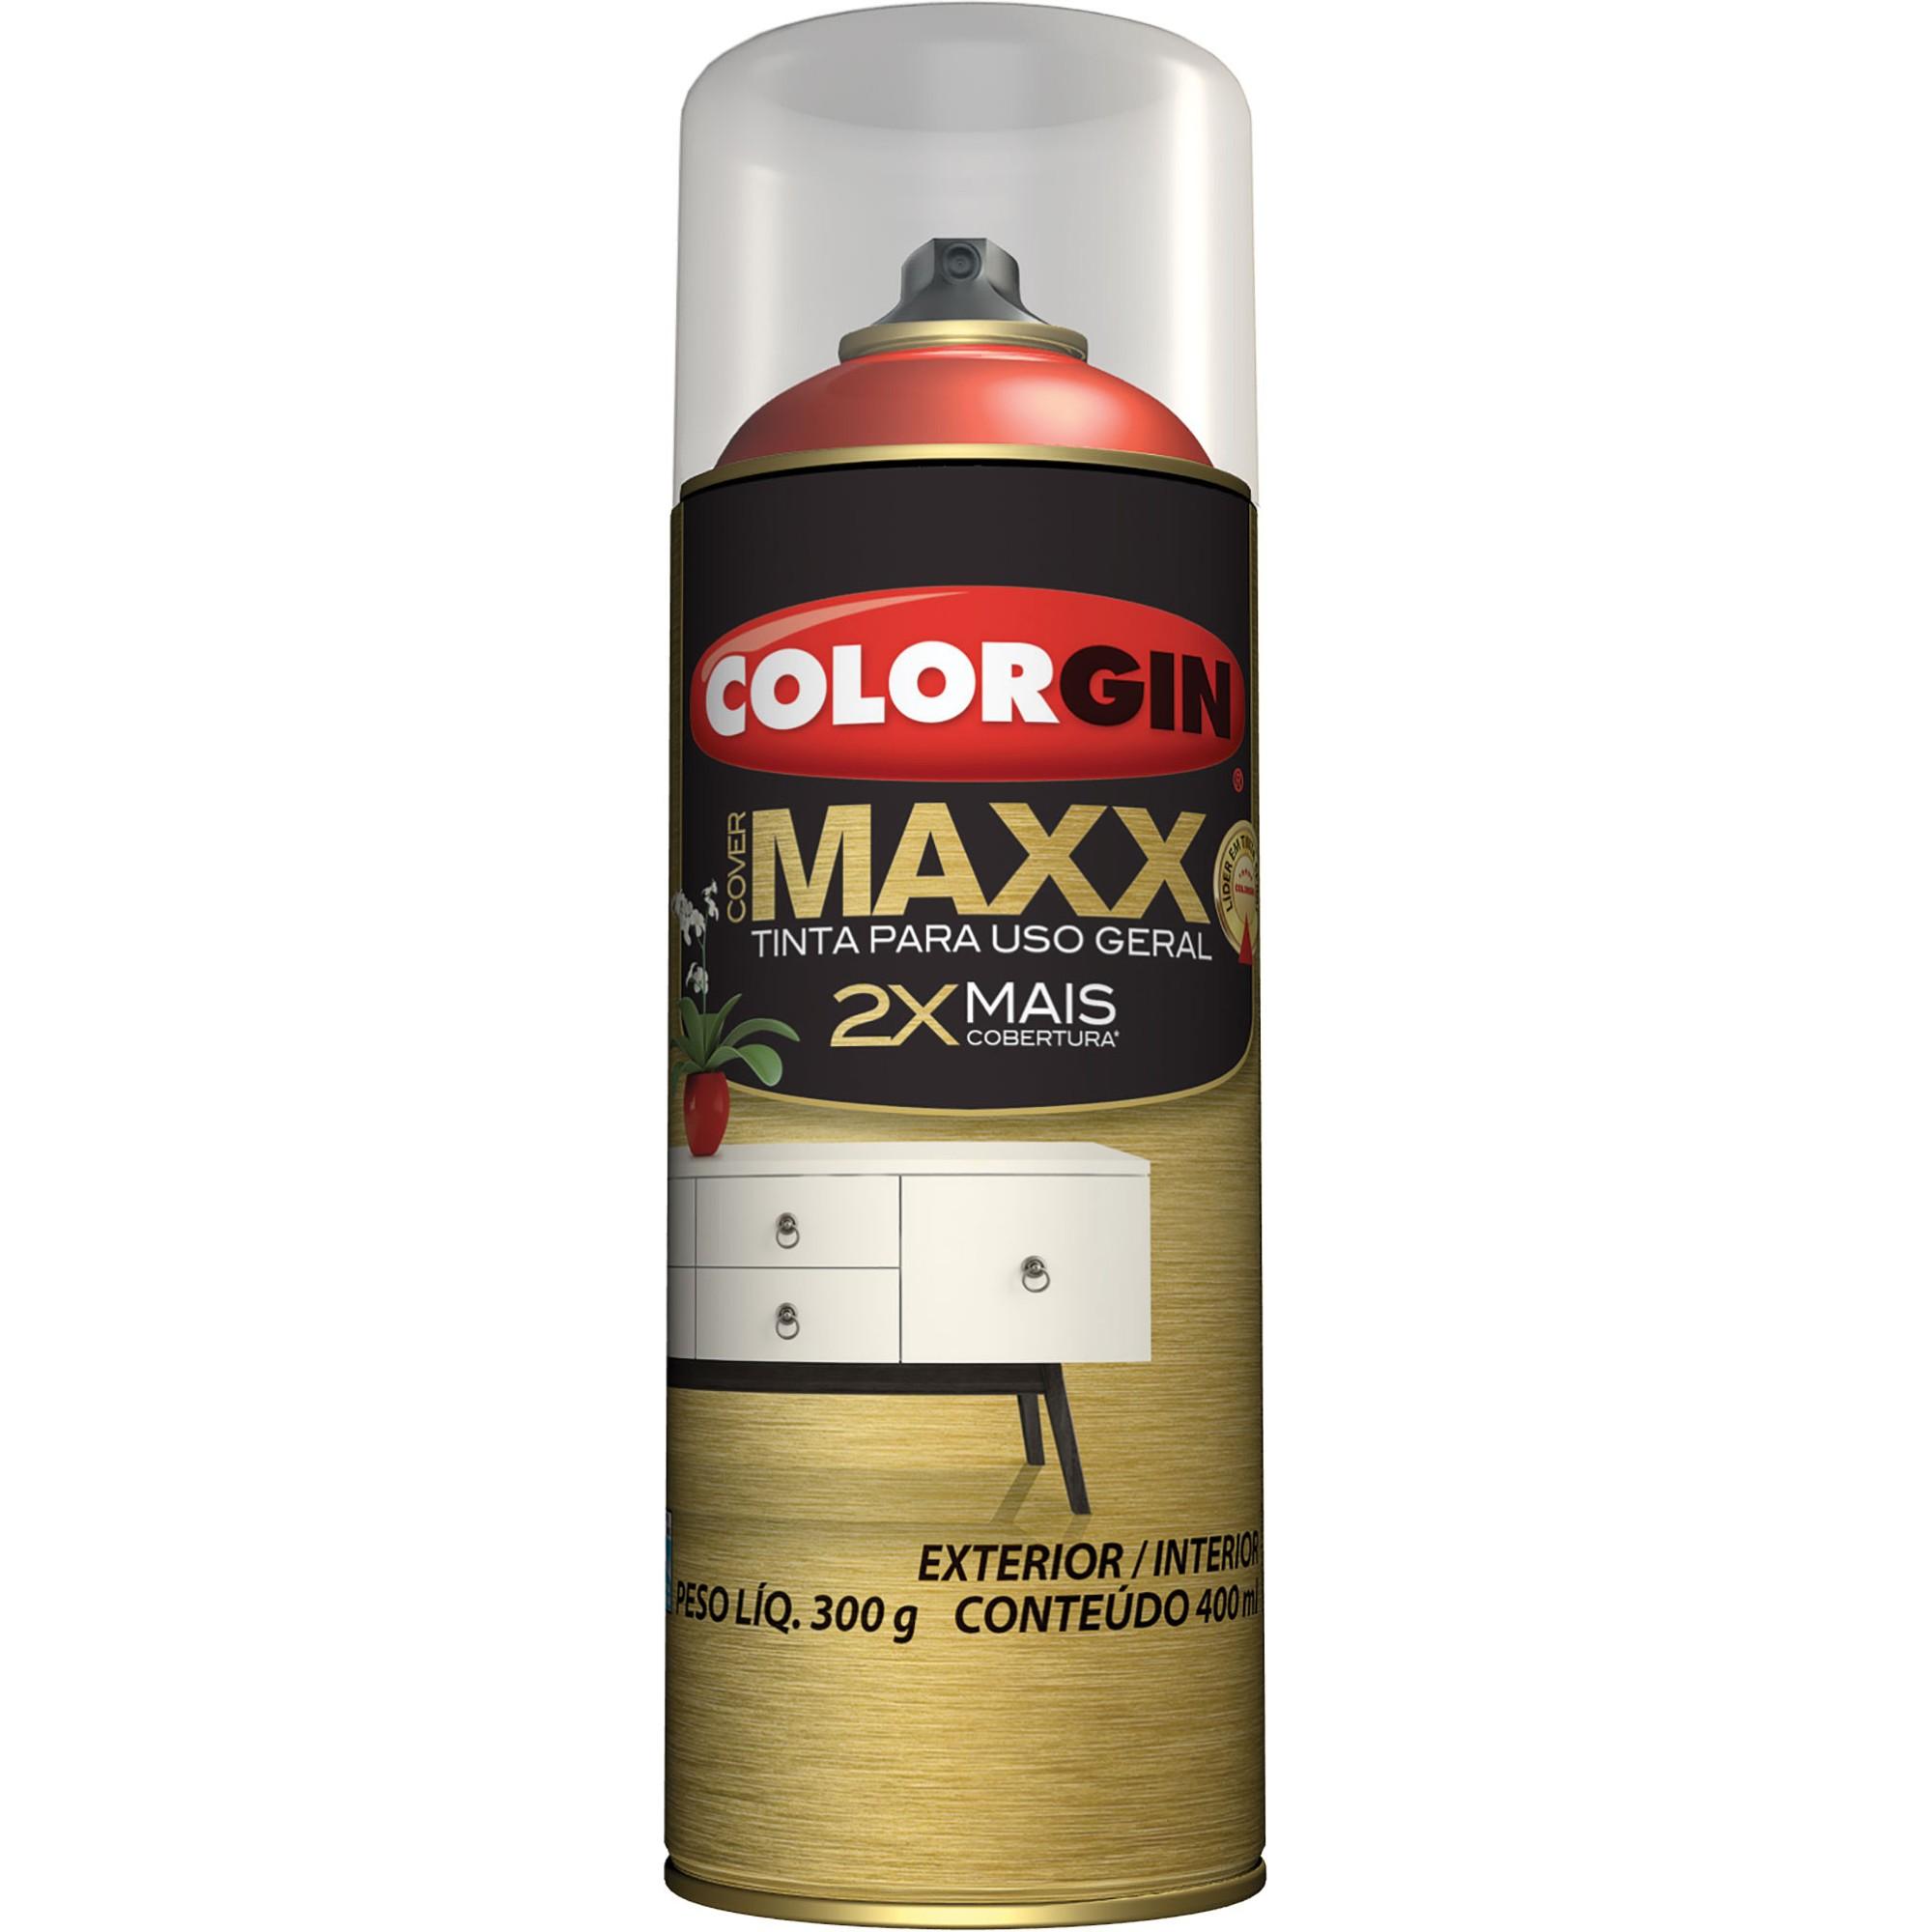 Tinta Spray Brilhante Cover maxx Interno e Externo - Branco Supremo - 400ml - Colorgin